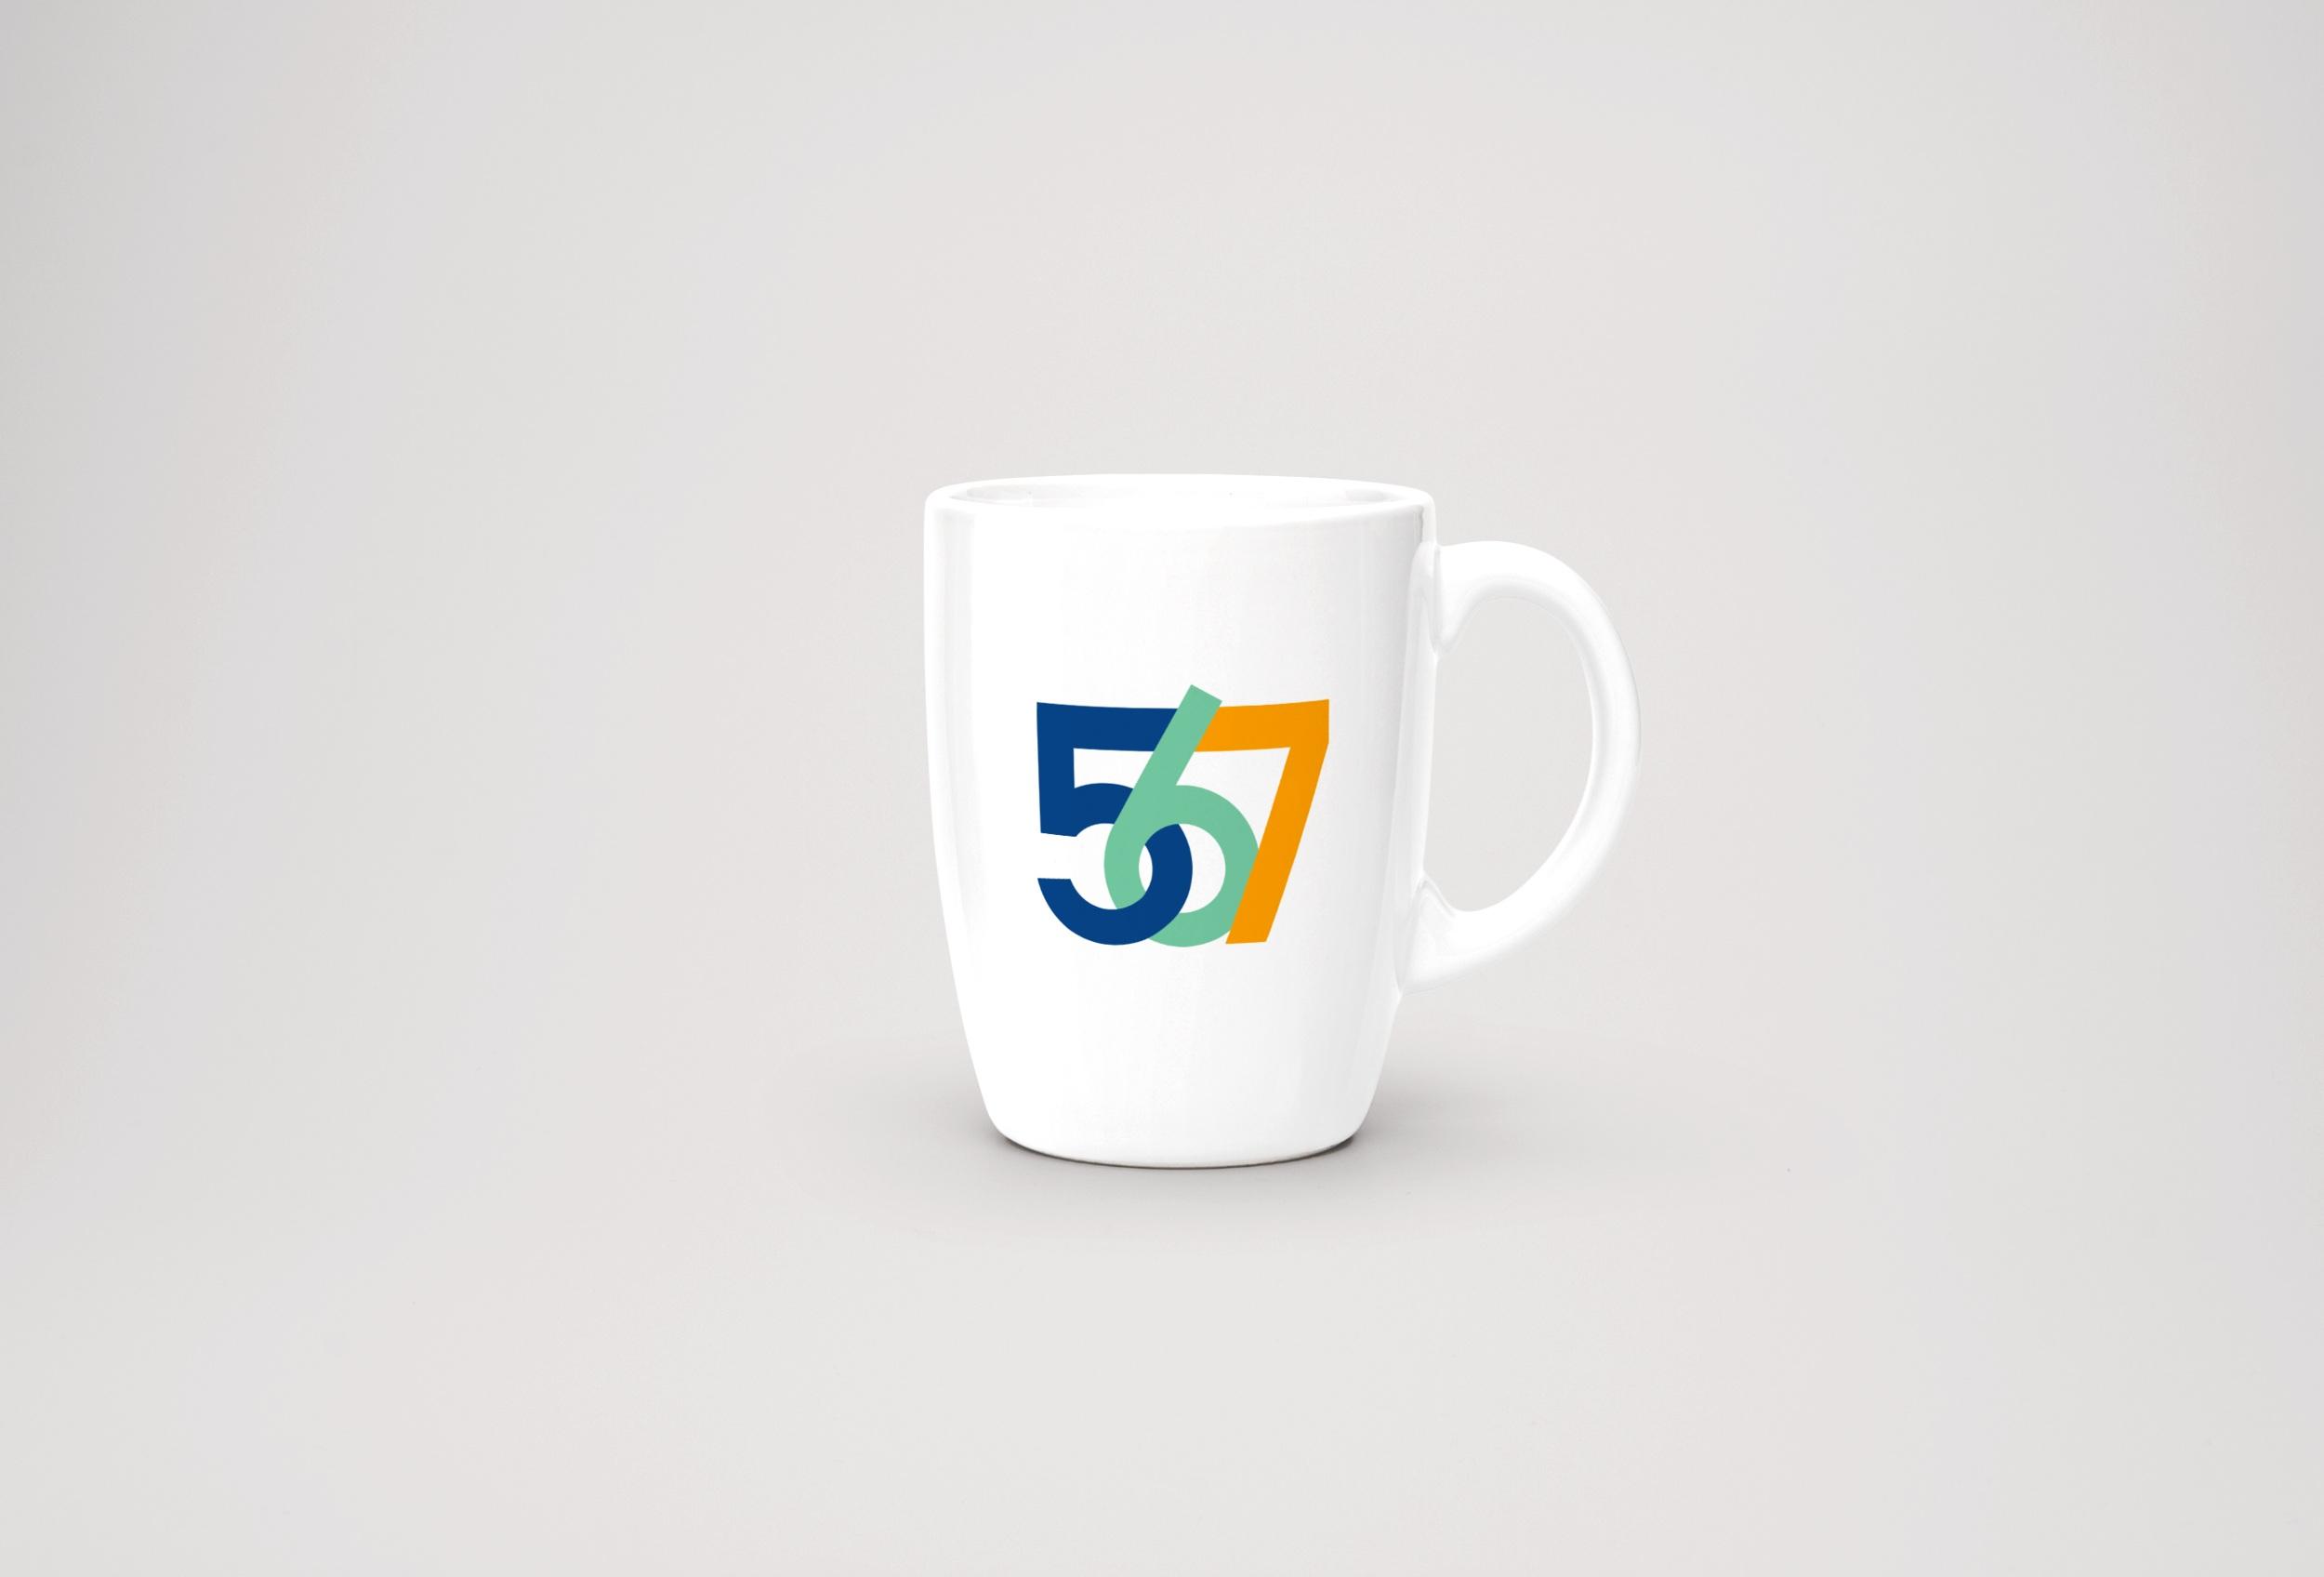 Mug+PSD+MockUp+2_567.jpg